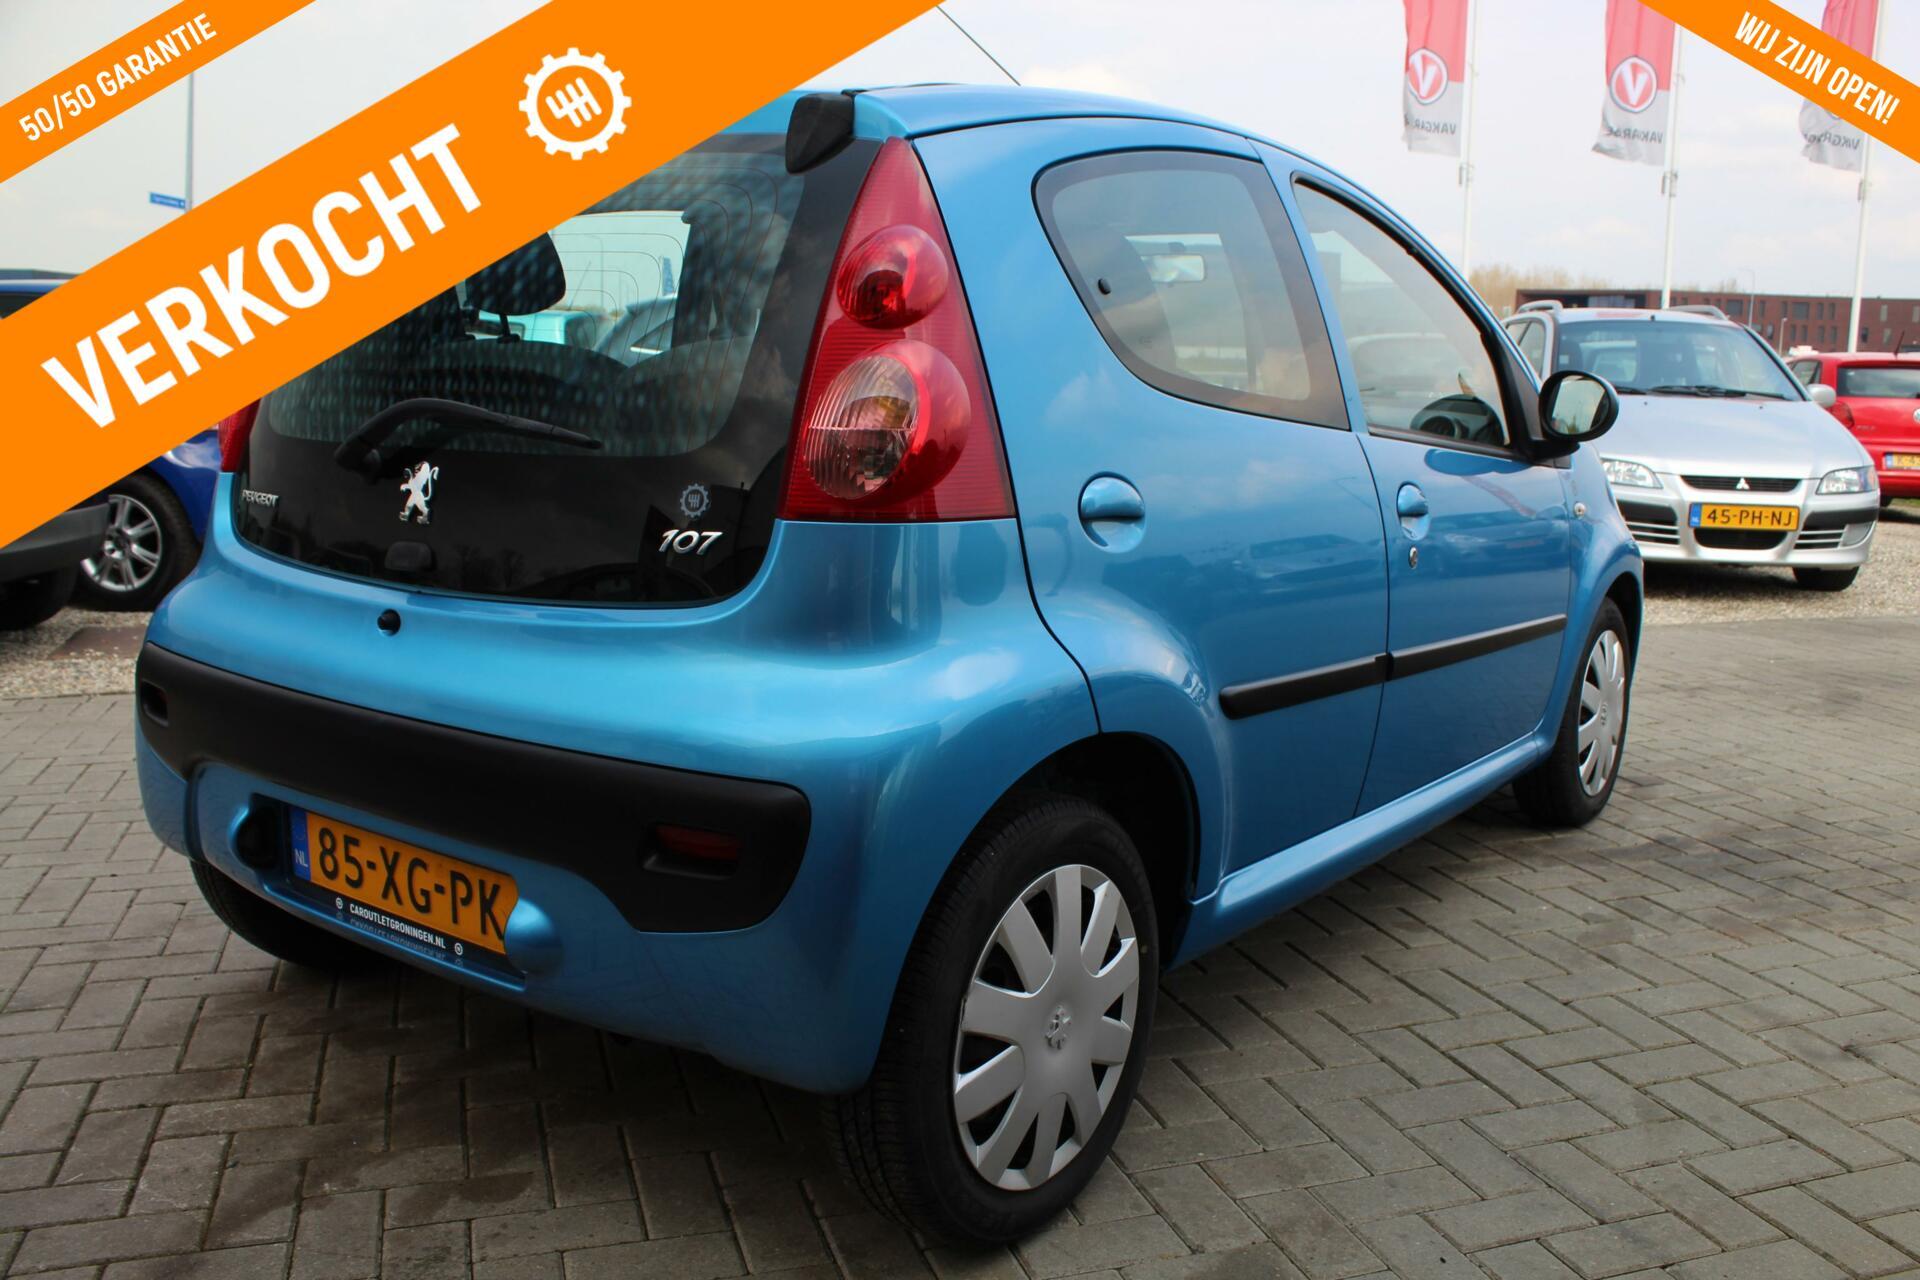 Caroutlet Groningen - Peugeot 107 1.0-12V XS | AIRCO | CRUISE